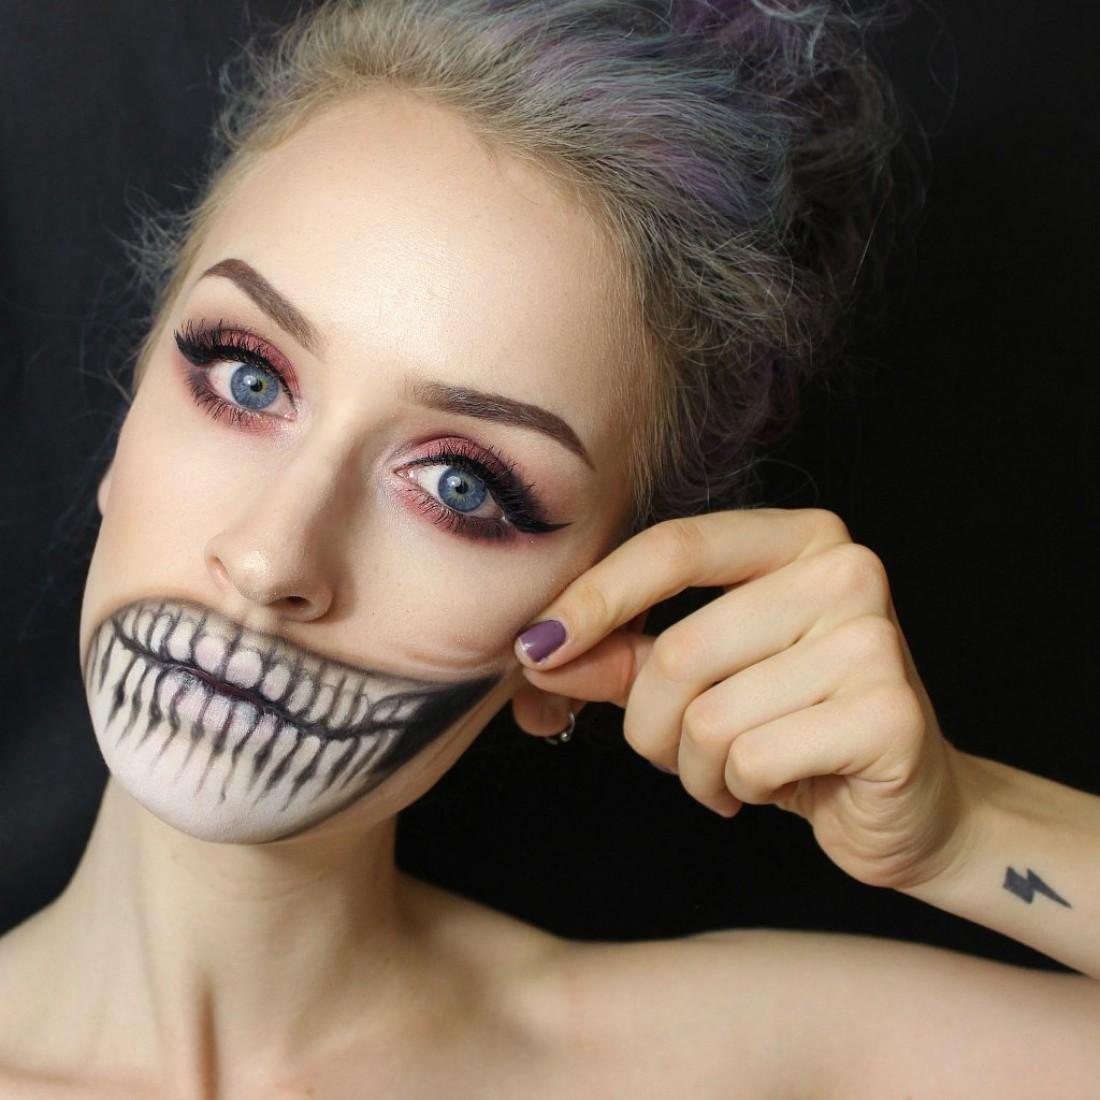 Идеи для макияжа к Хэллоуину 2015